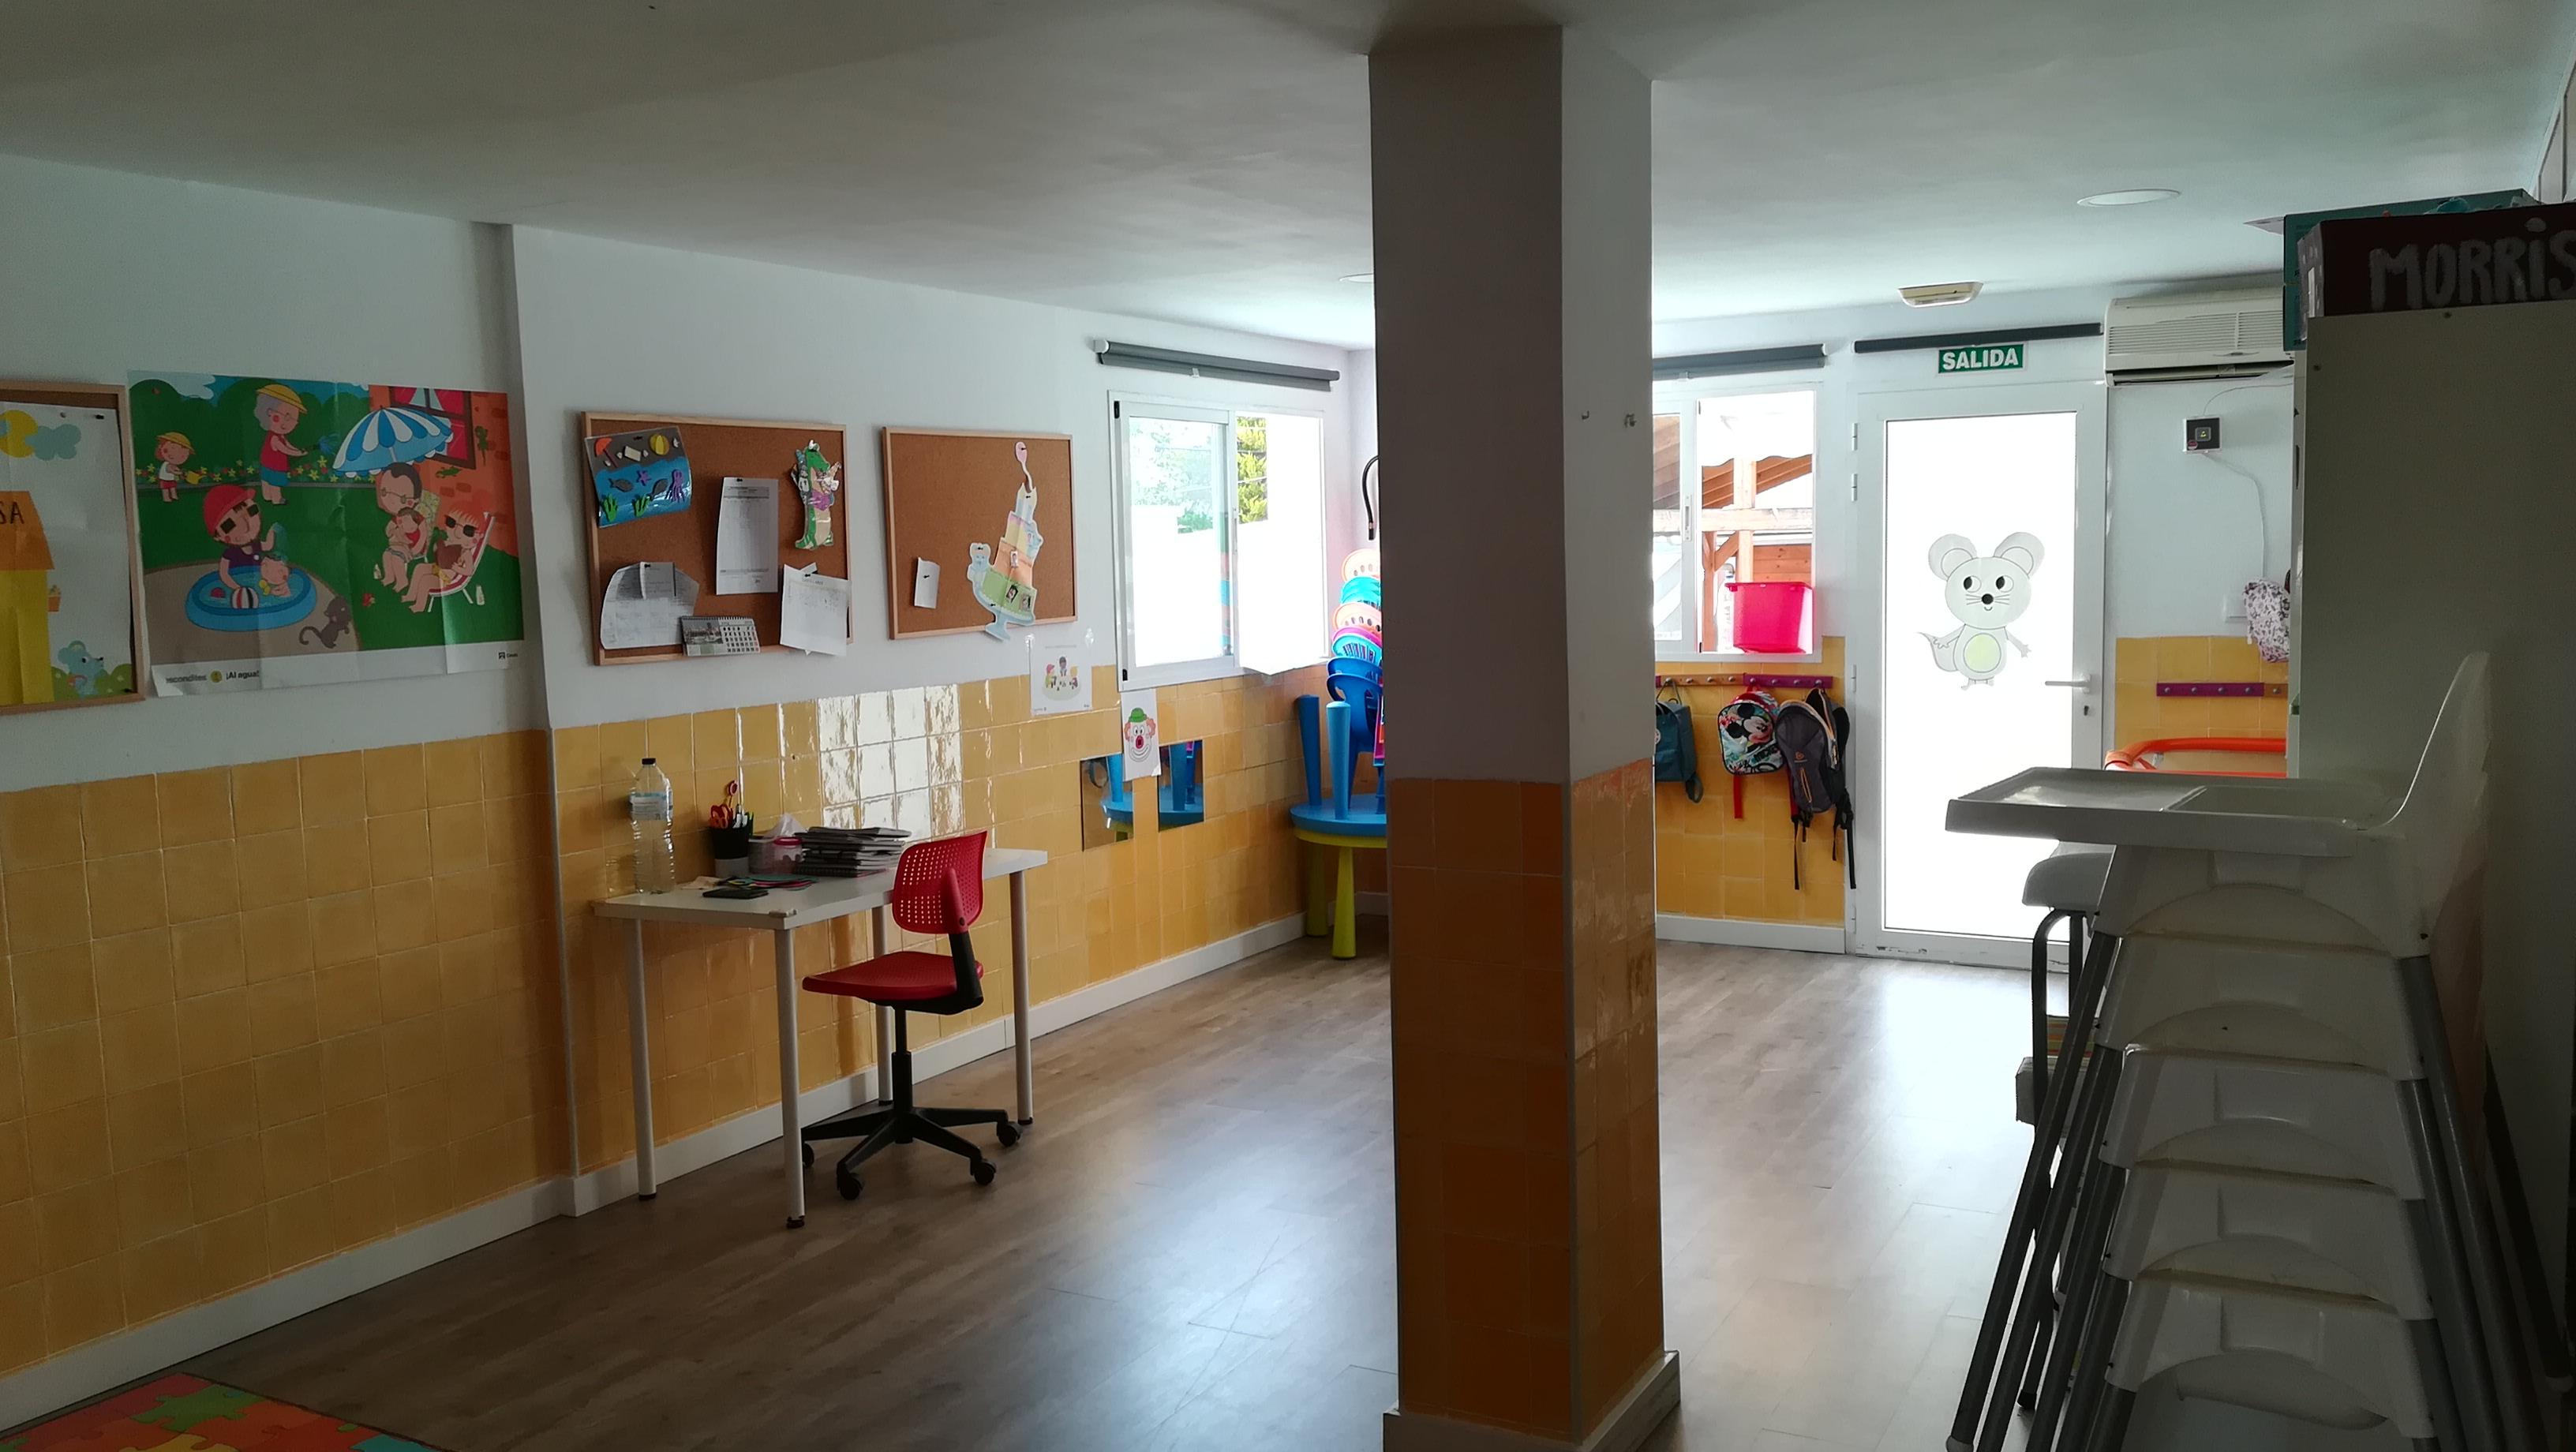 menta escuela infantil valencia pobla vallbona Eliana guarderia guarderia niños bebé primer ciclo